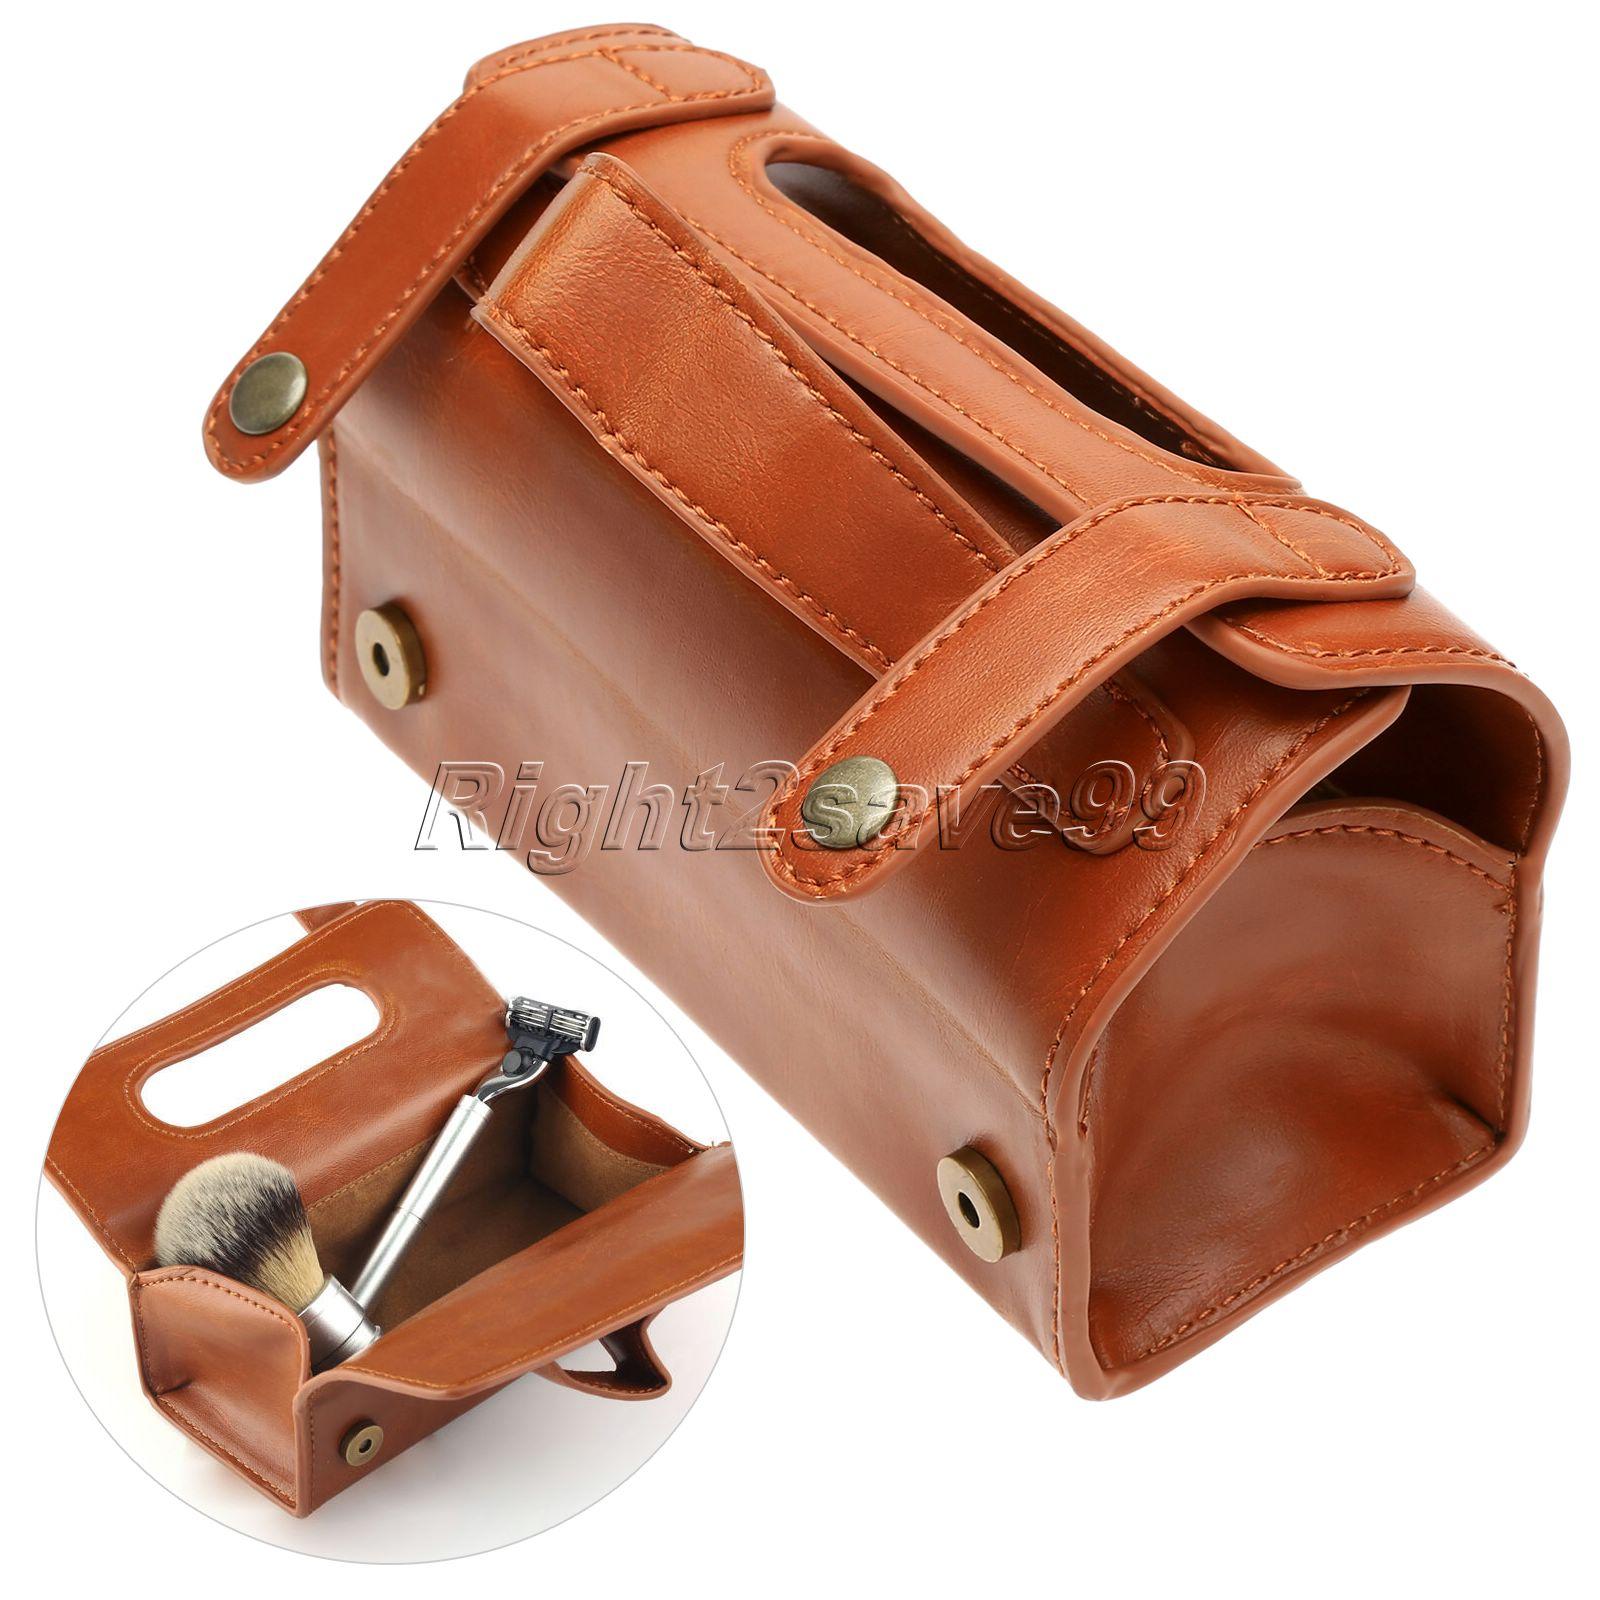 Мъжки PU кожа чанта за тоалетна чанта за измиване на чанта организатор чанта тъмно кафяво за защита на бръснене подарък контейнер за подаръци